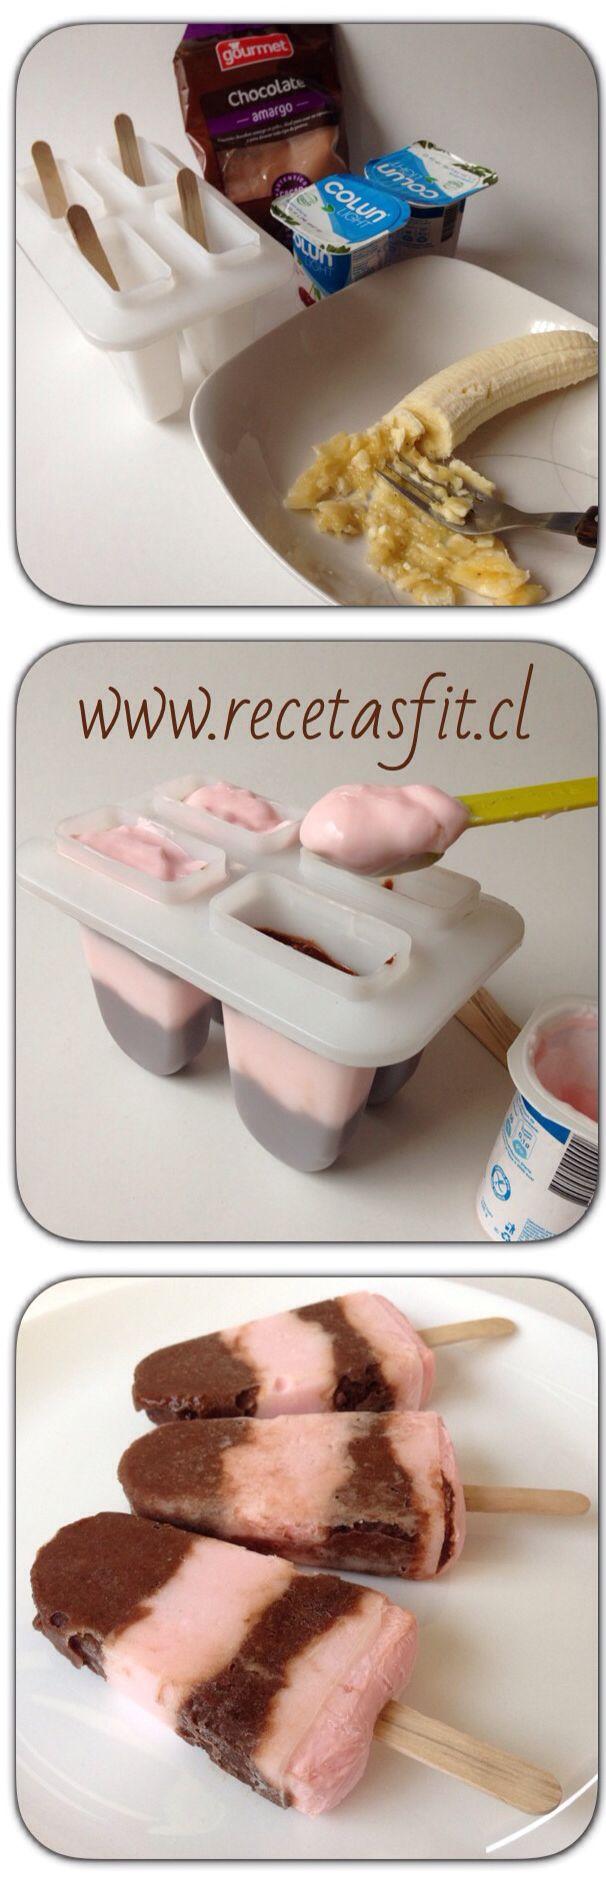 Super saludables!! Paletas de chocobanana y yogurt sin azucar ni grasas! Receta facilisima aca➡️www.recetasfit.cl